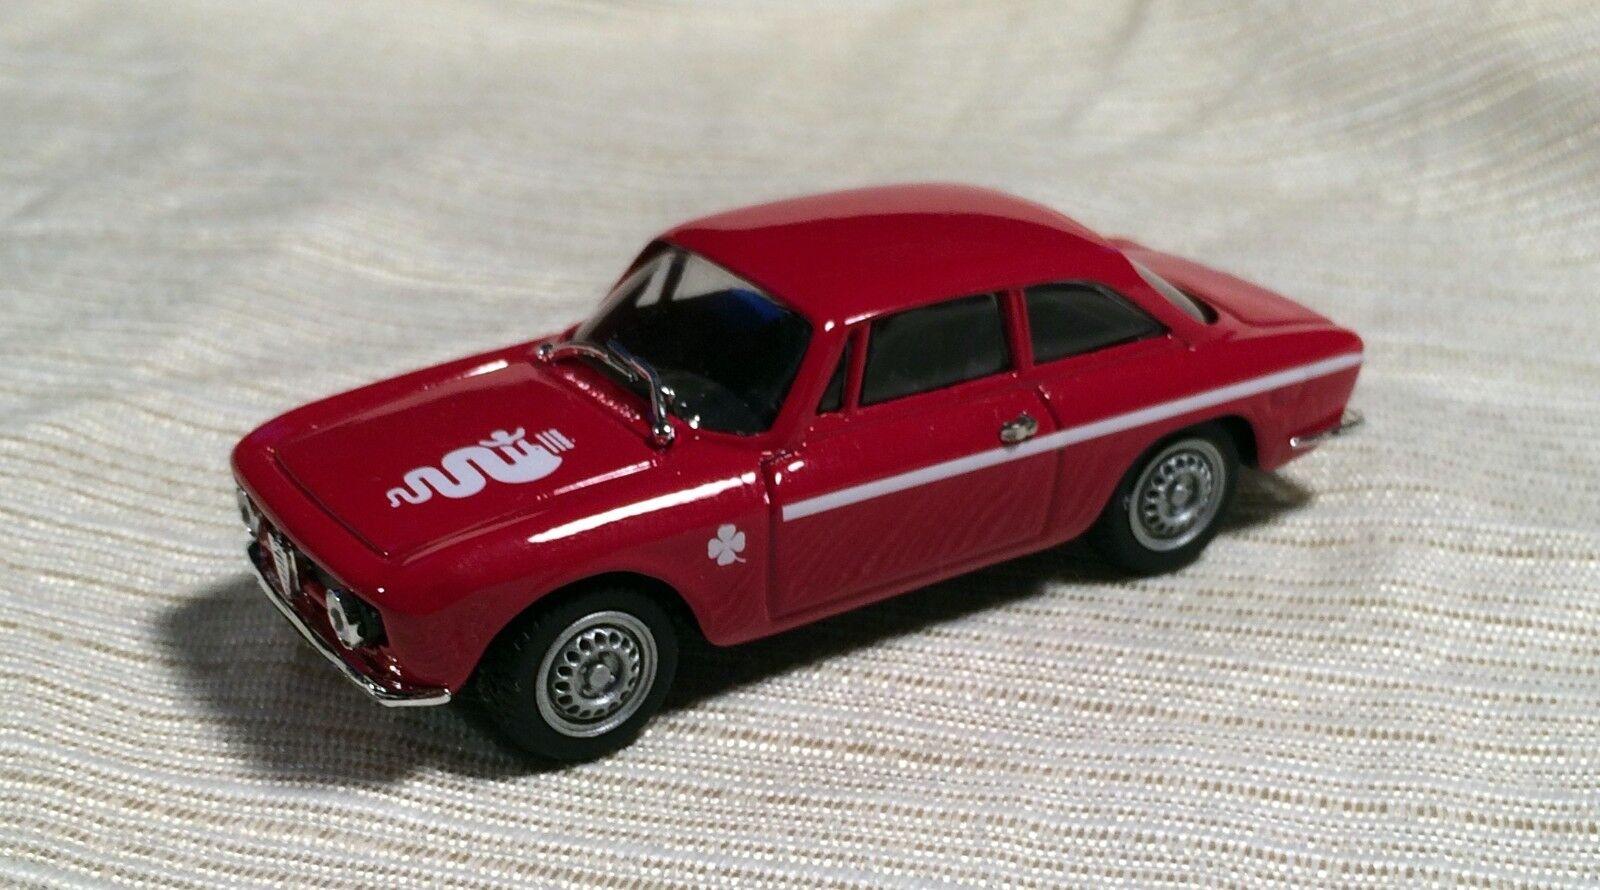 Progetto K Alfa Romeo Giulia GTAJ Presentazione 1967 1 43rd Scale w Box REDUCED